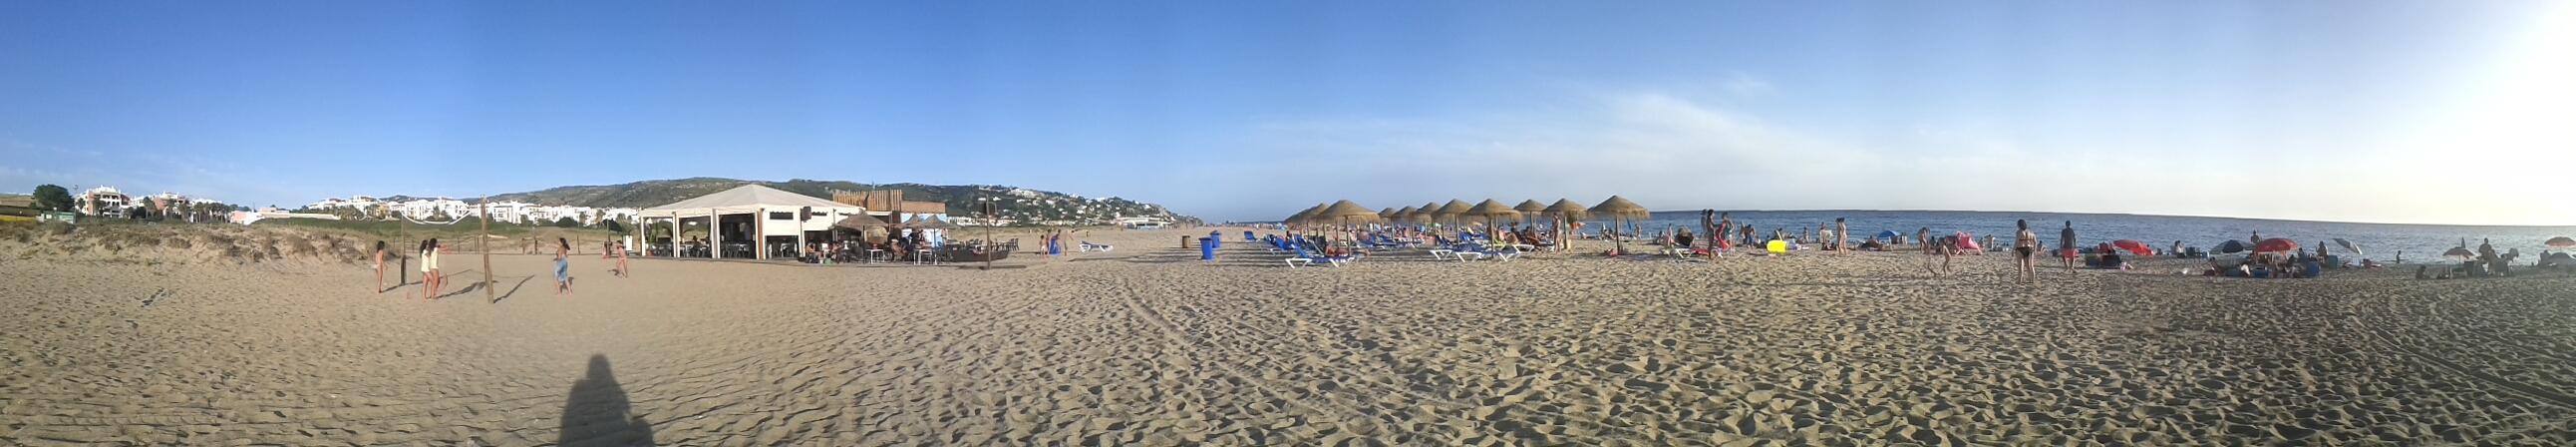 Zahara de los Atunes: foto panorámica de la Playa de Atlanterra